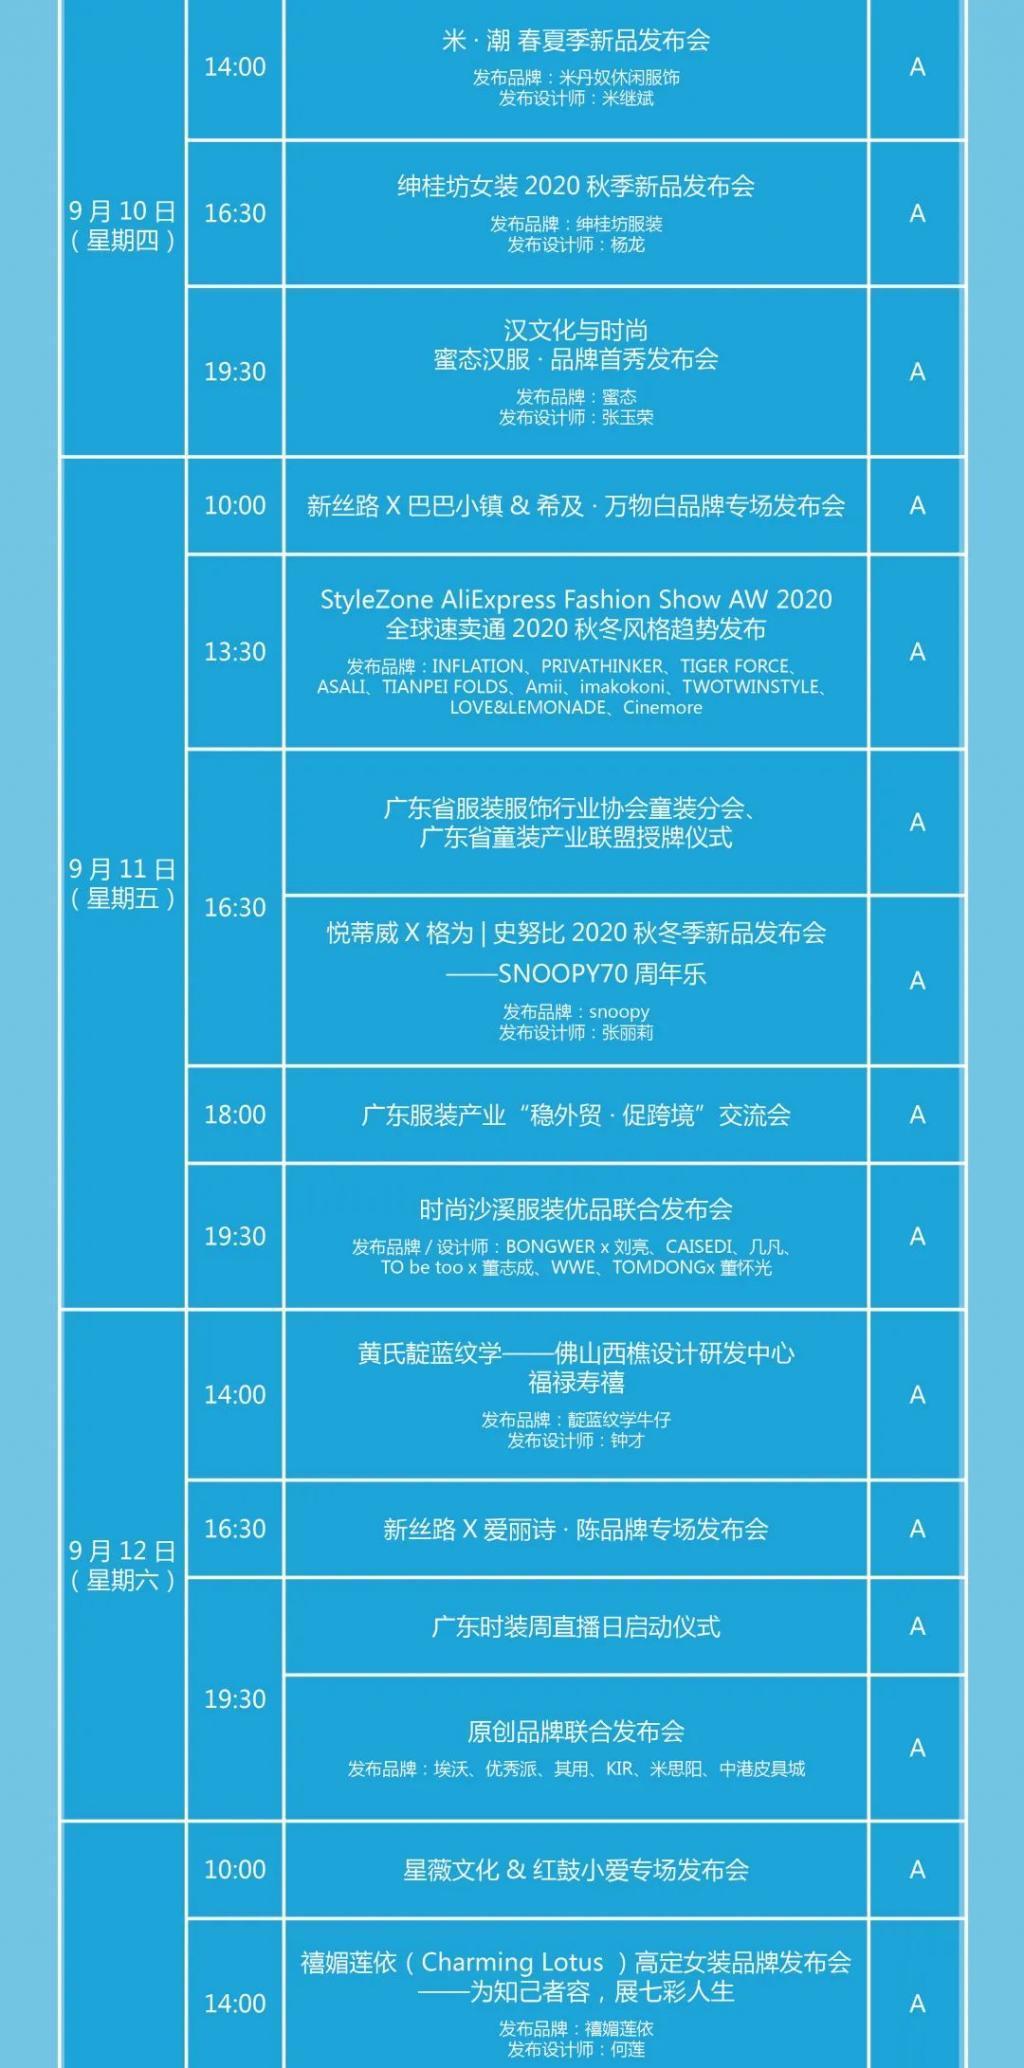 2020广东时装周-秋季日程表正式发布